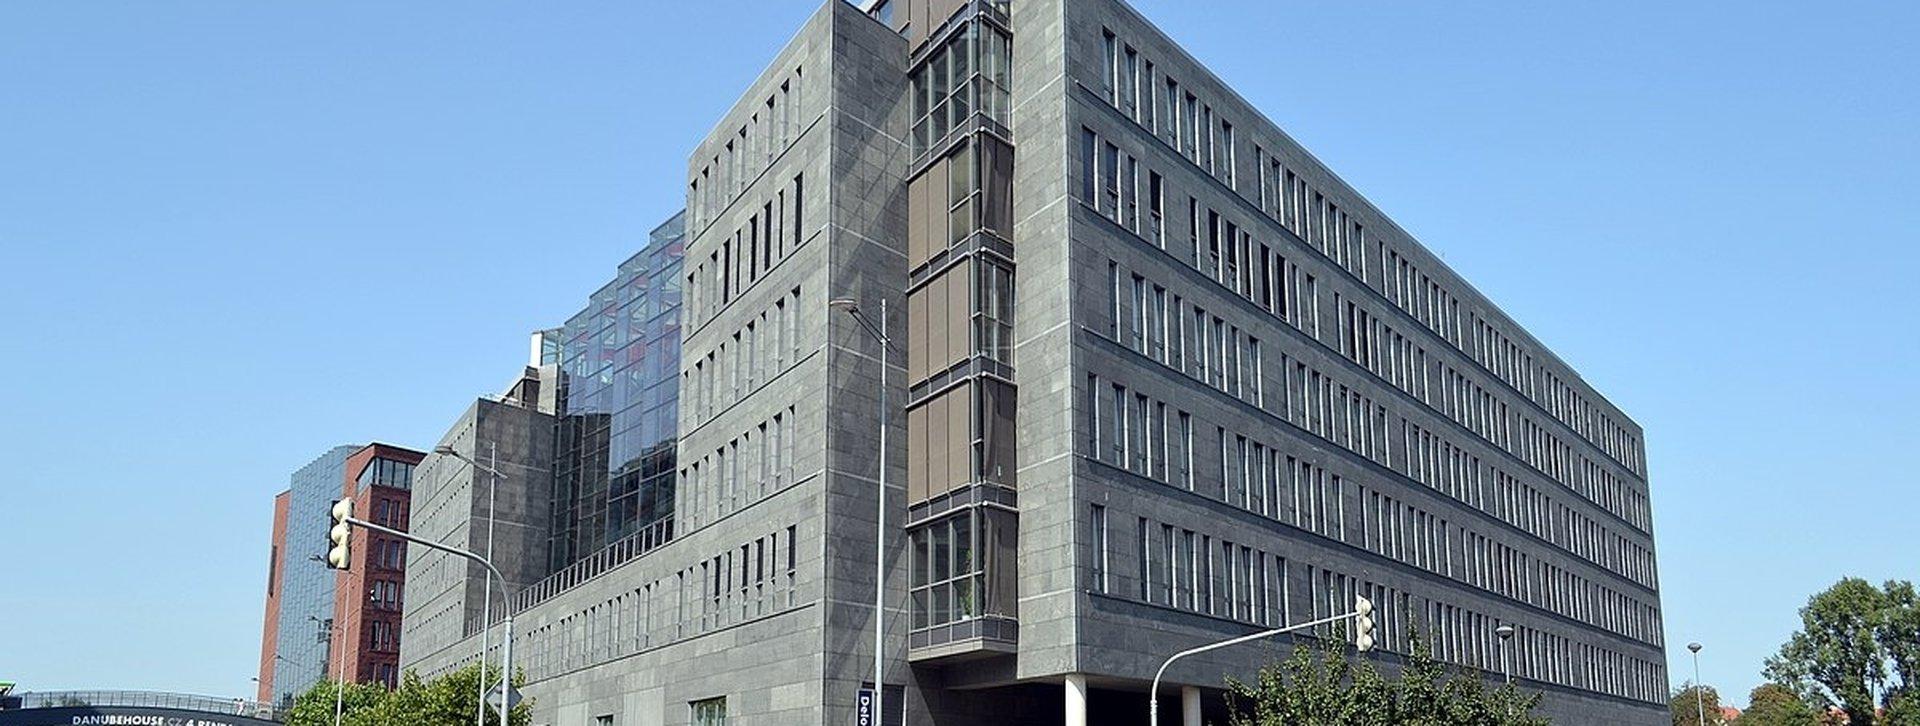 NileHouse_building